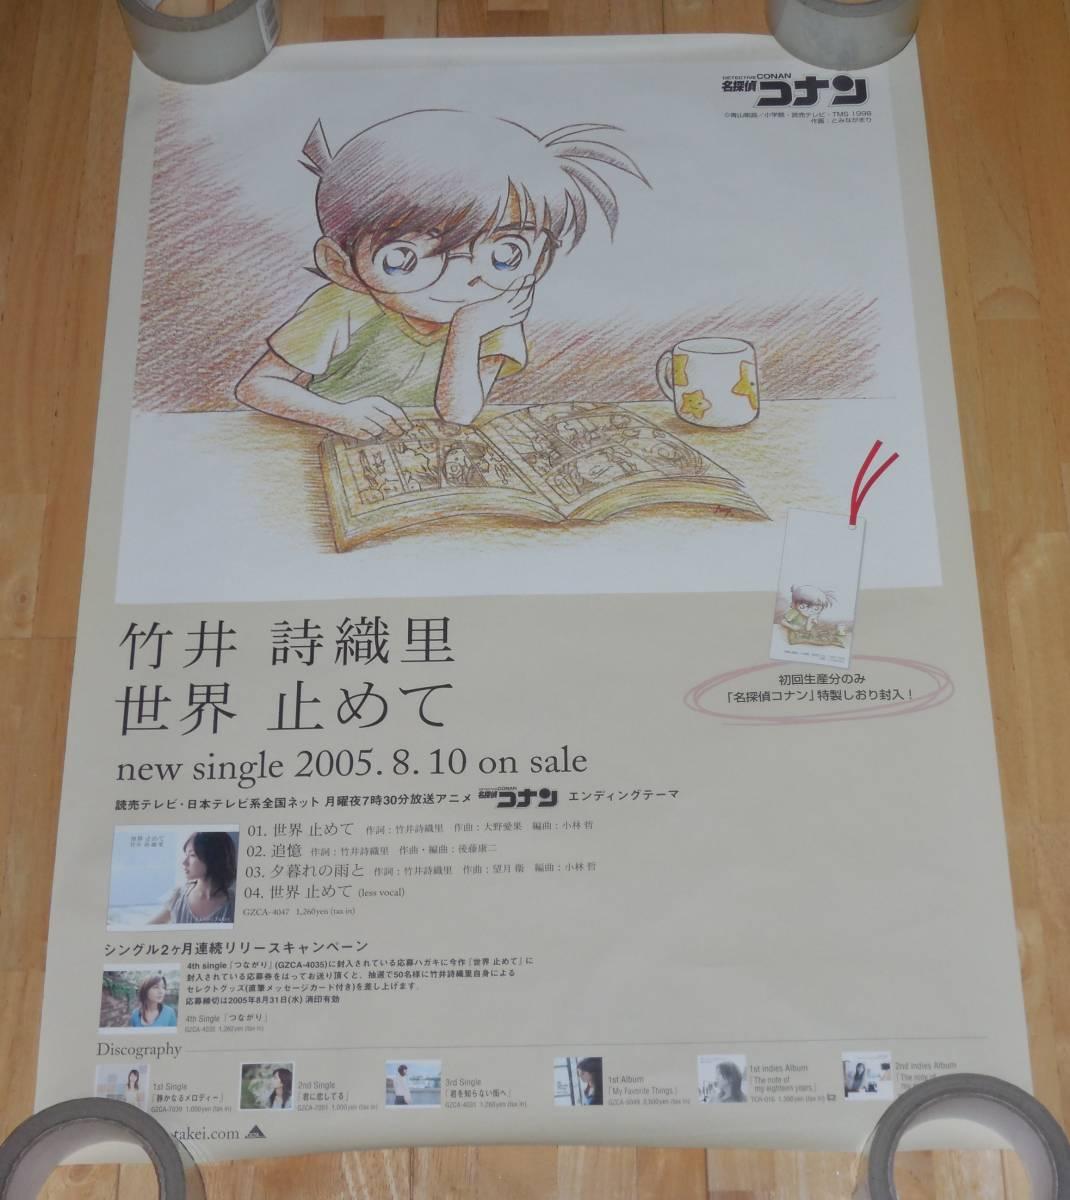 0906/竹井詩織里 ポスター/世界 止めて 名探偵コナン エンディングテーマ/B2サイズ